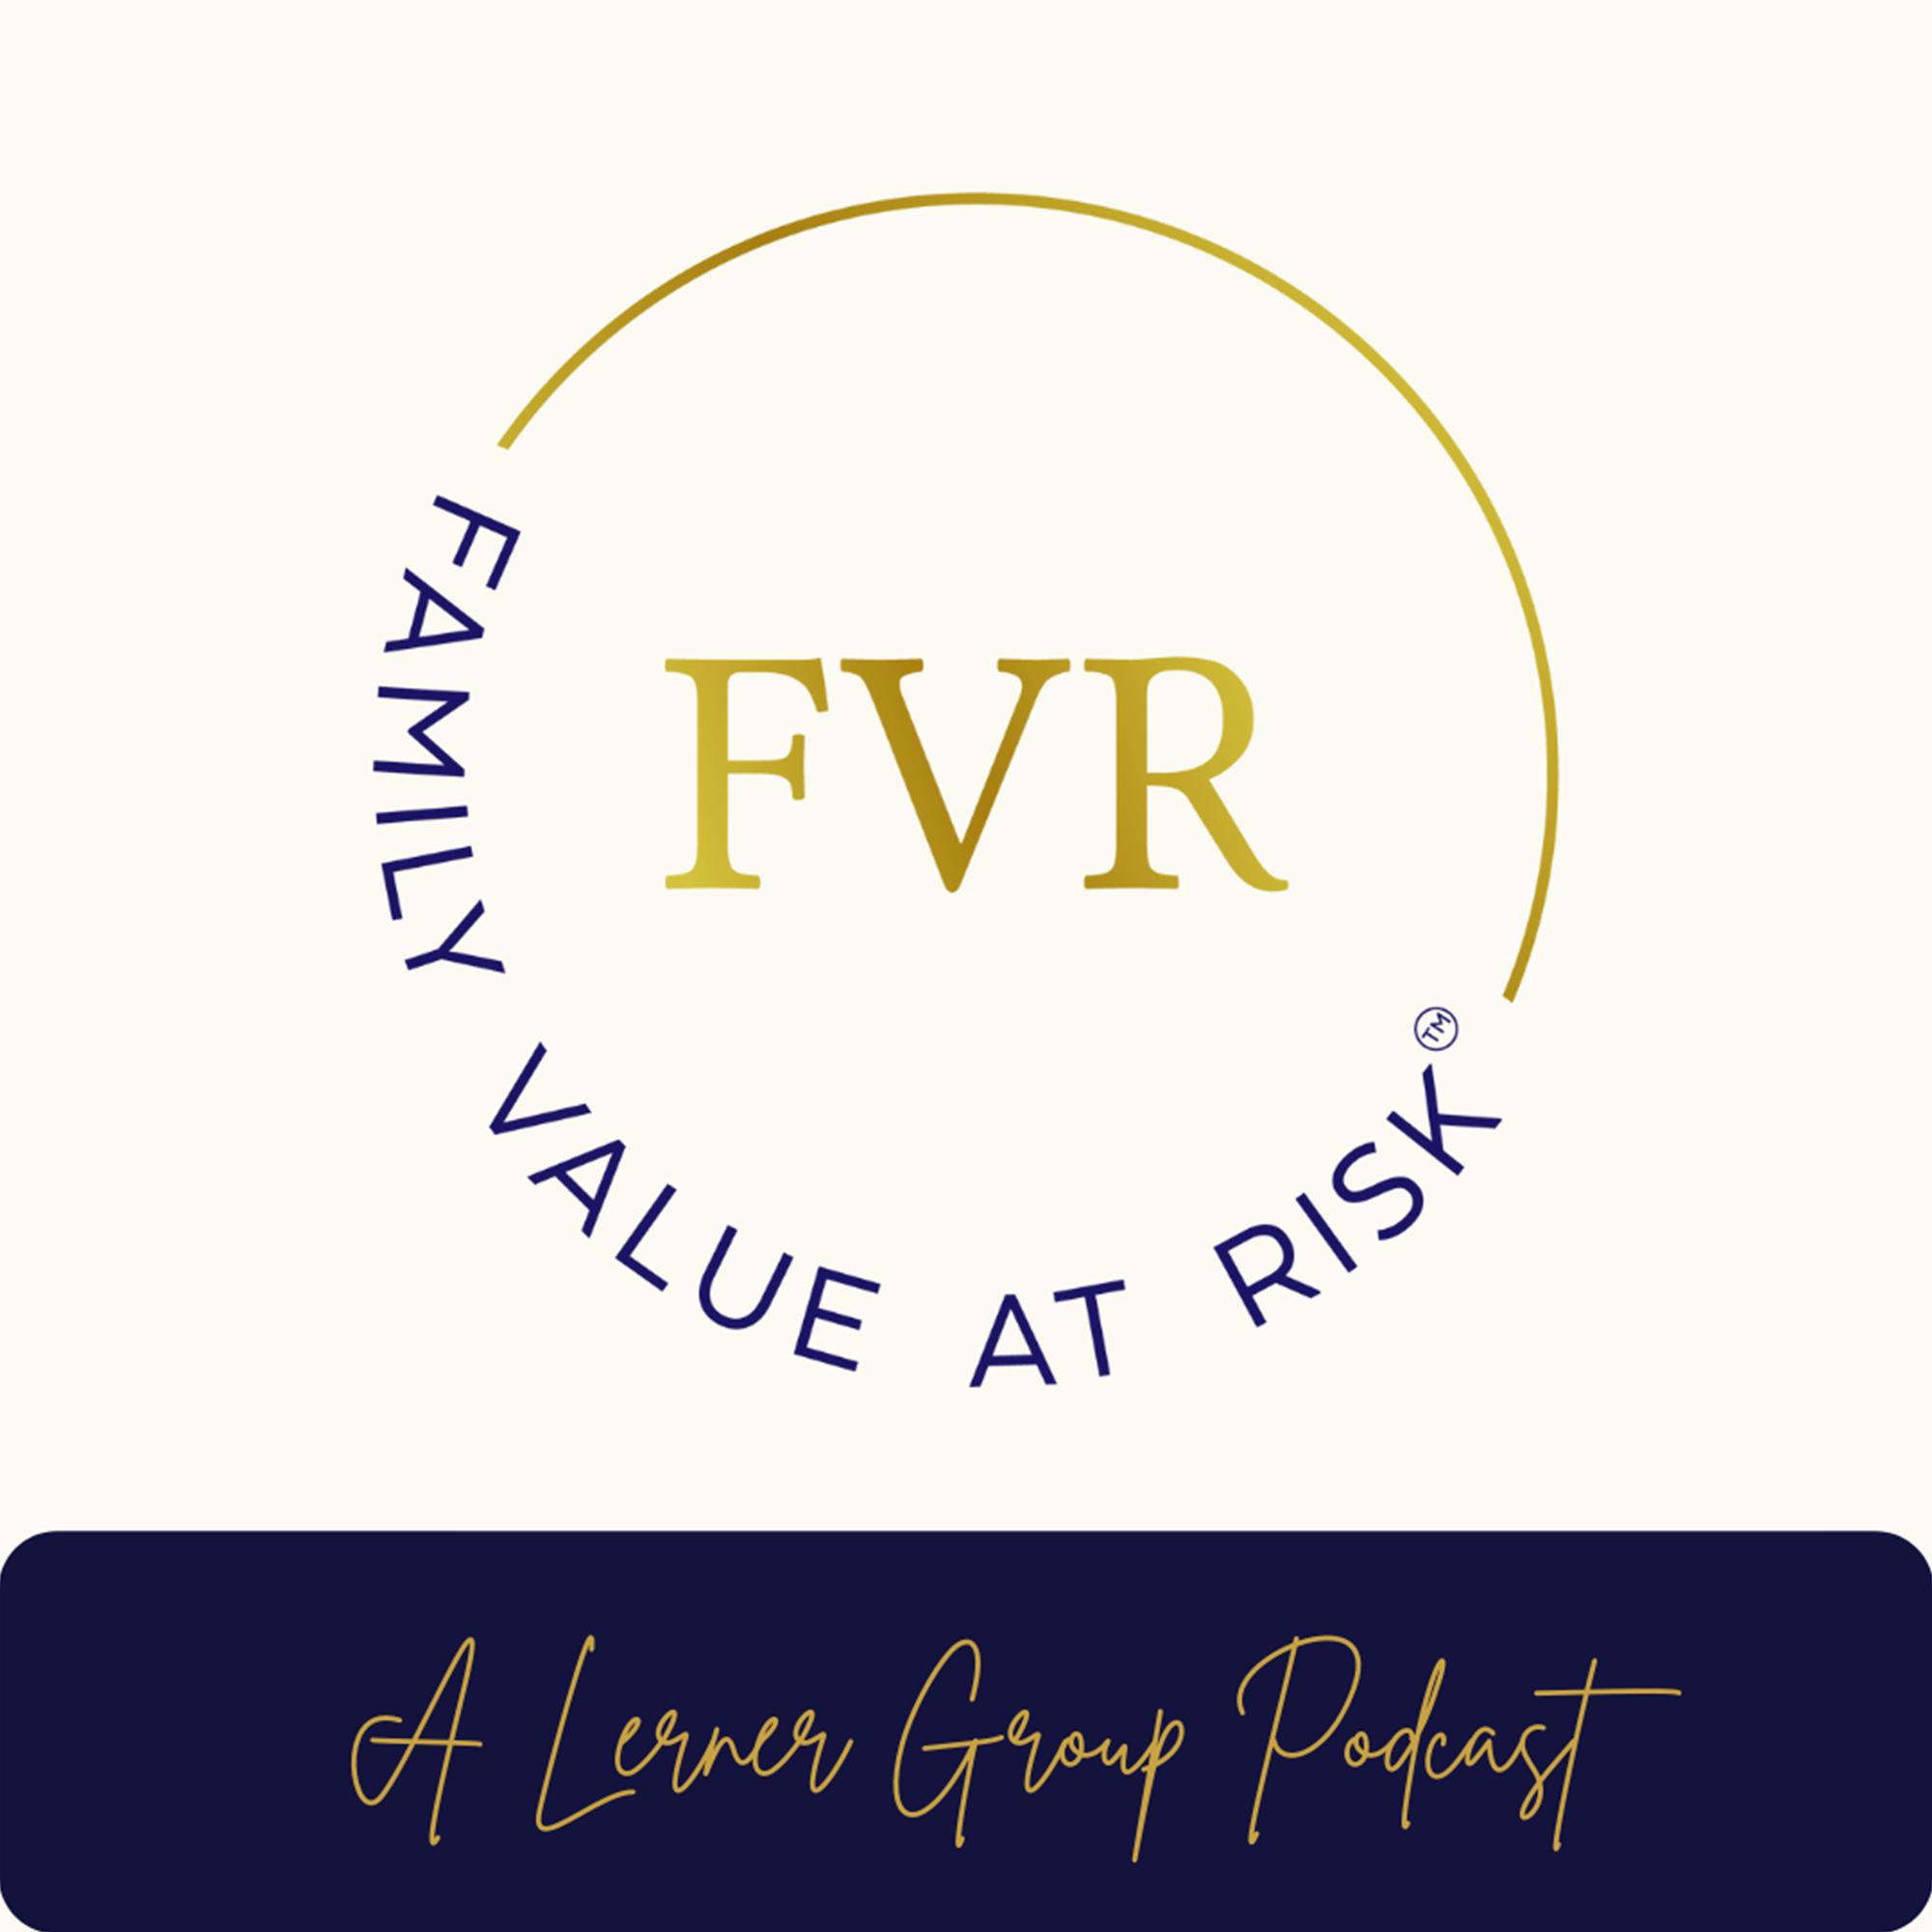 Artwork for podcast Family Value at Risk